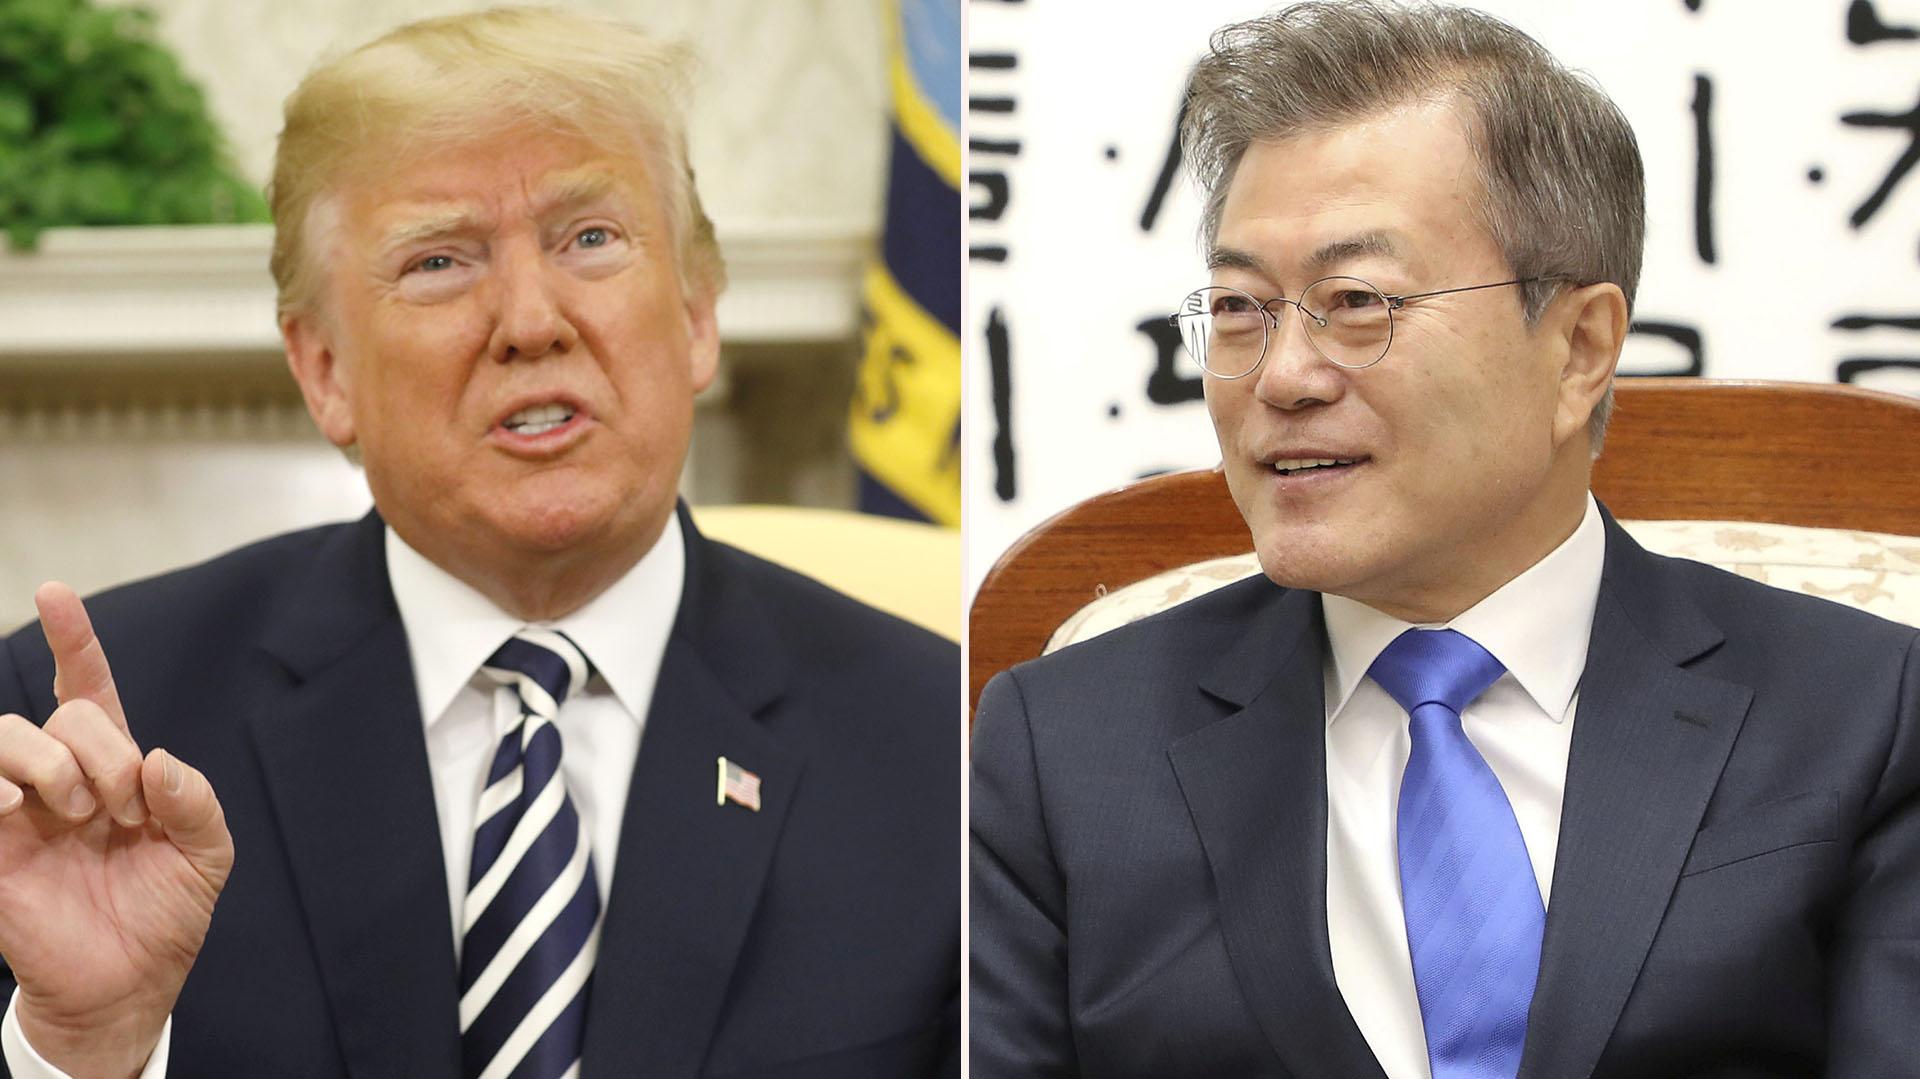 Los presidentes de Estados Unidos y Corea del Sur Donald Trump y Moon Jae-in